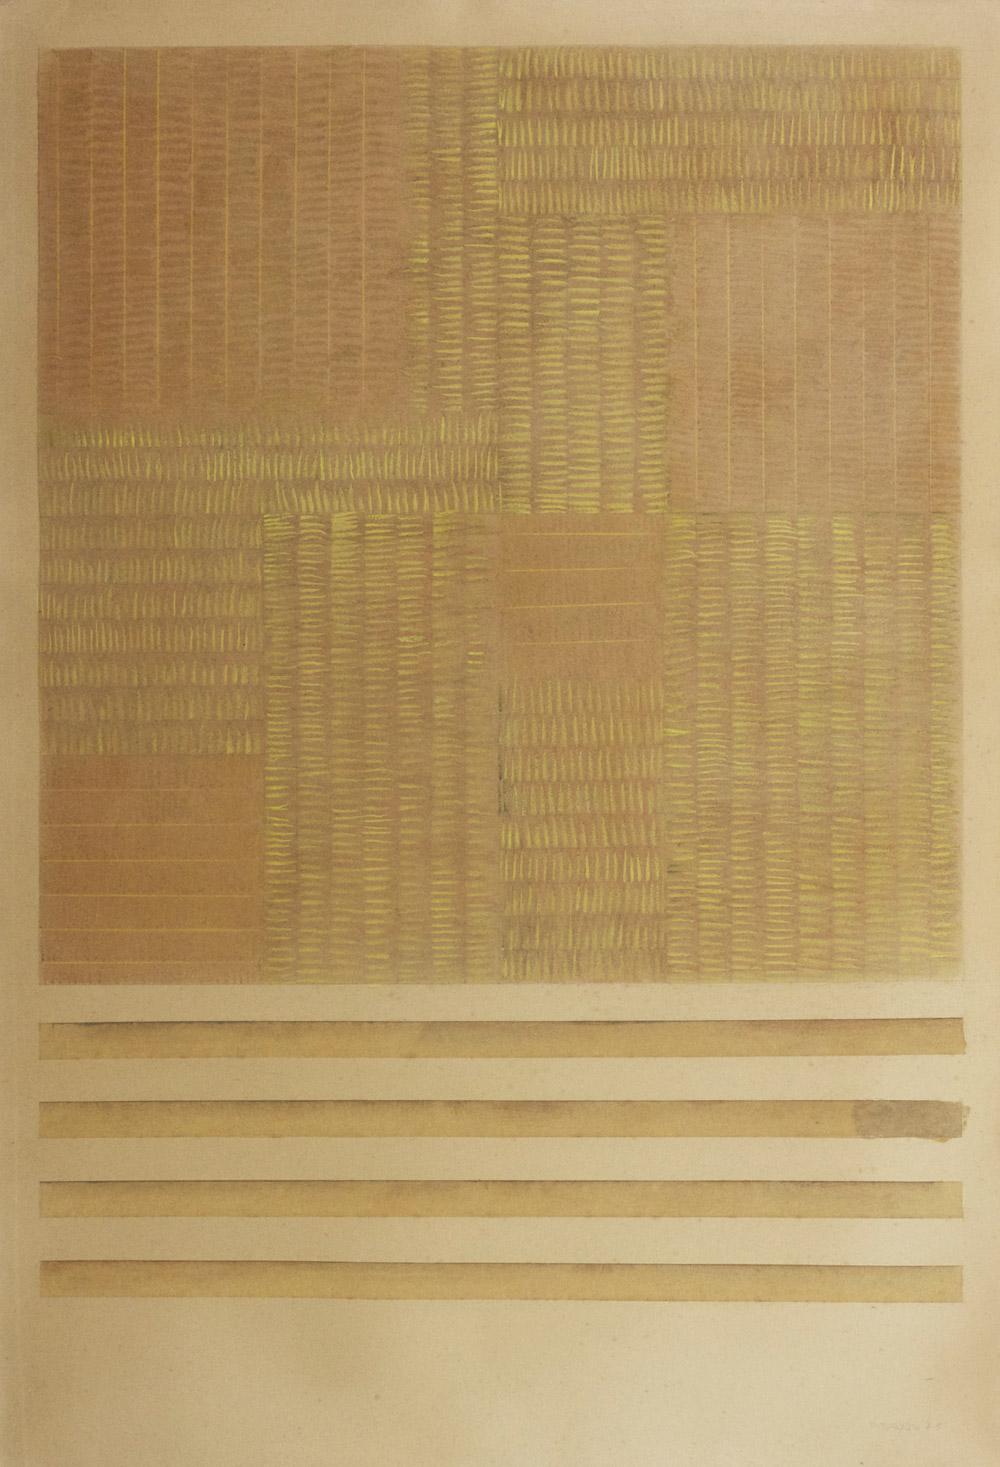 Senza titolo, 1975  gessetto su cartoncino, 100x70 cm Presso il Gabinetto dei Disegni e delle Stampe della Galleria degli Uffizi, cod. 123633